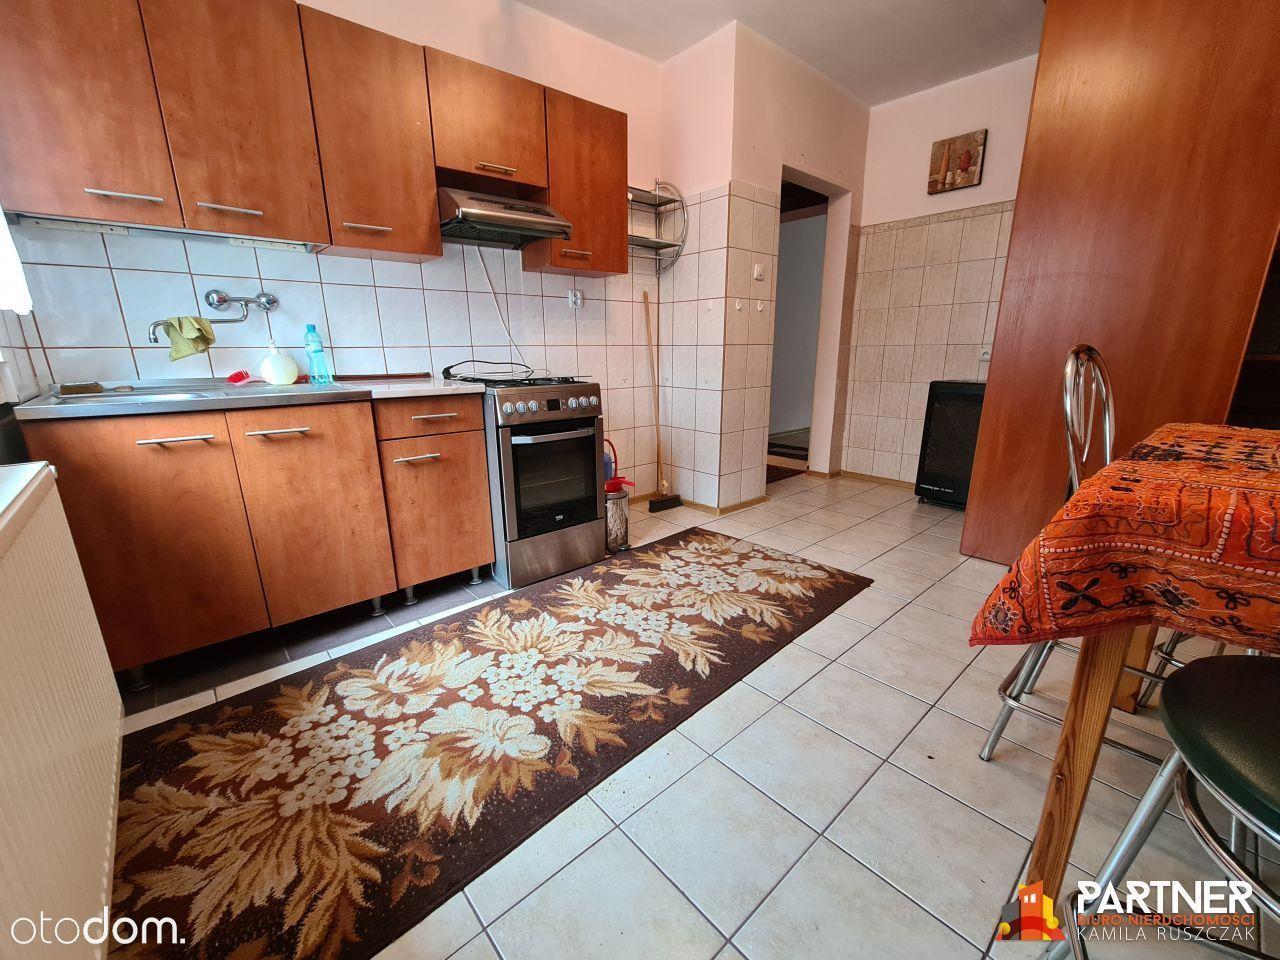 Bezczynszowe mieszkanie, 2 pokoje, parter, garaż